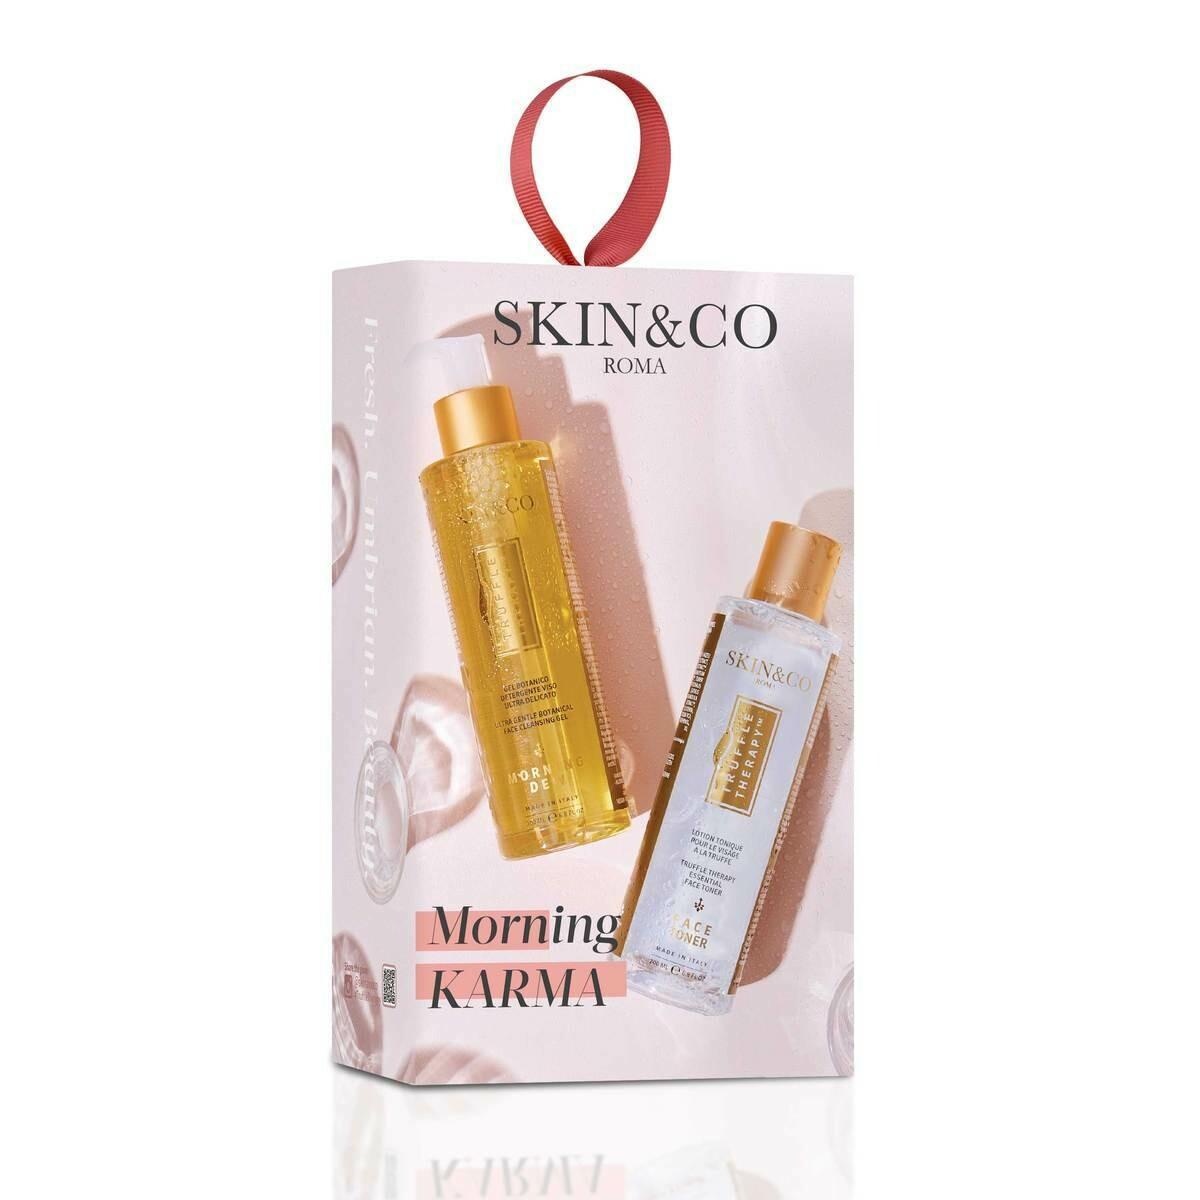 SKIN&CO Morning Karma